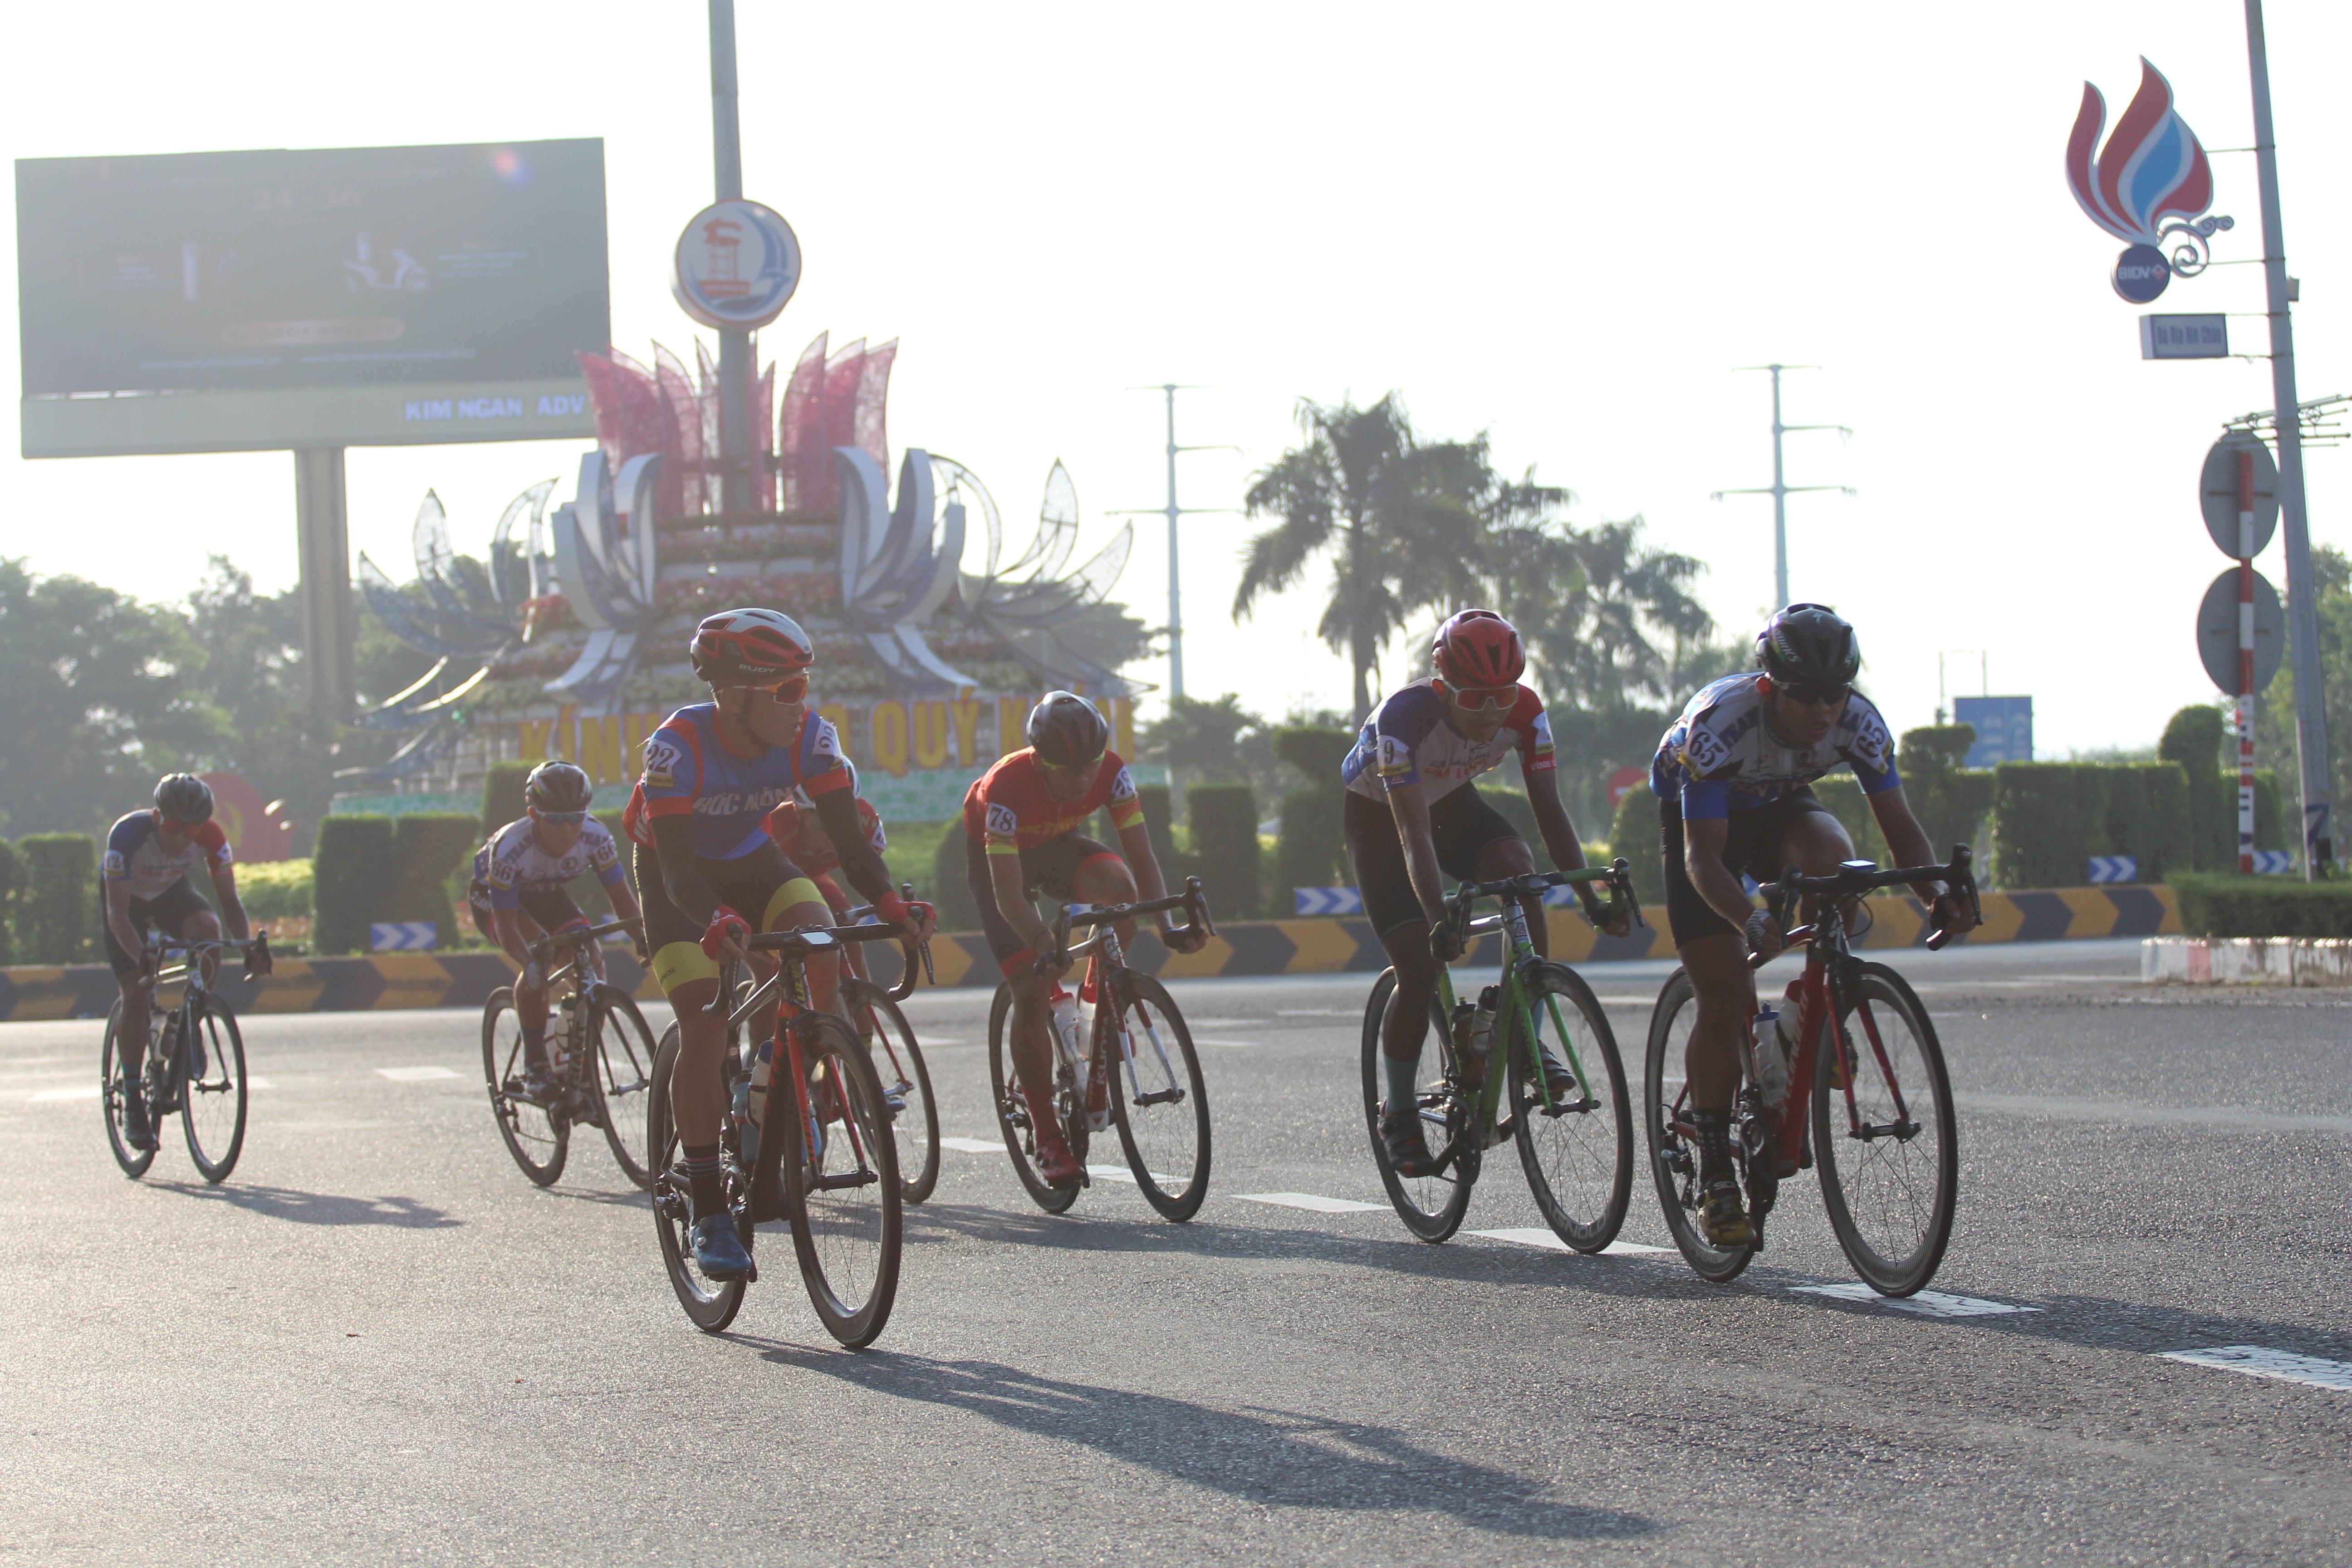 Hình ảnh: Ê kíp An Giang thắng lớn tại giải xe đạp Nam Kỳ Khởi Nghĩa 2020 số 3